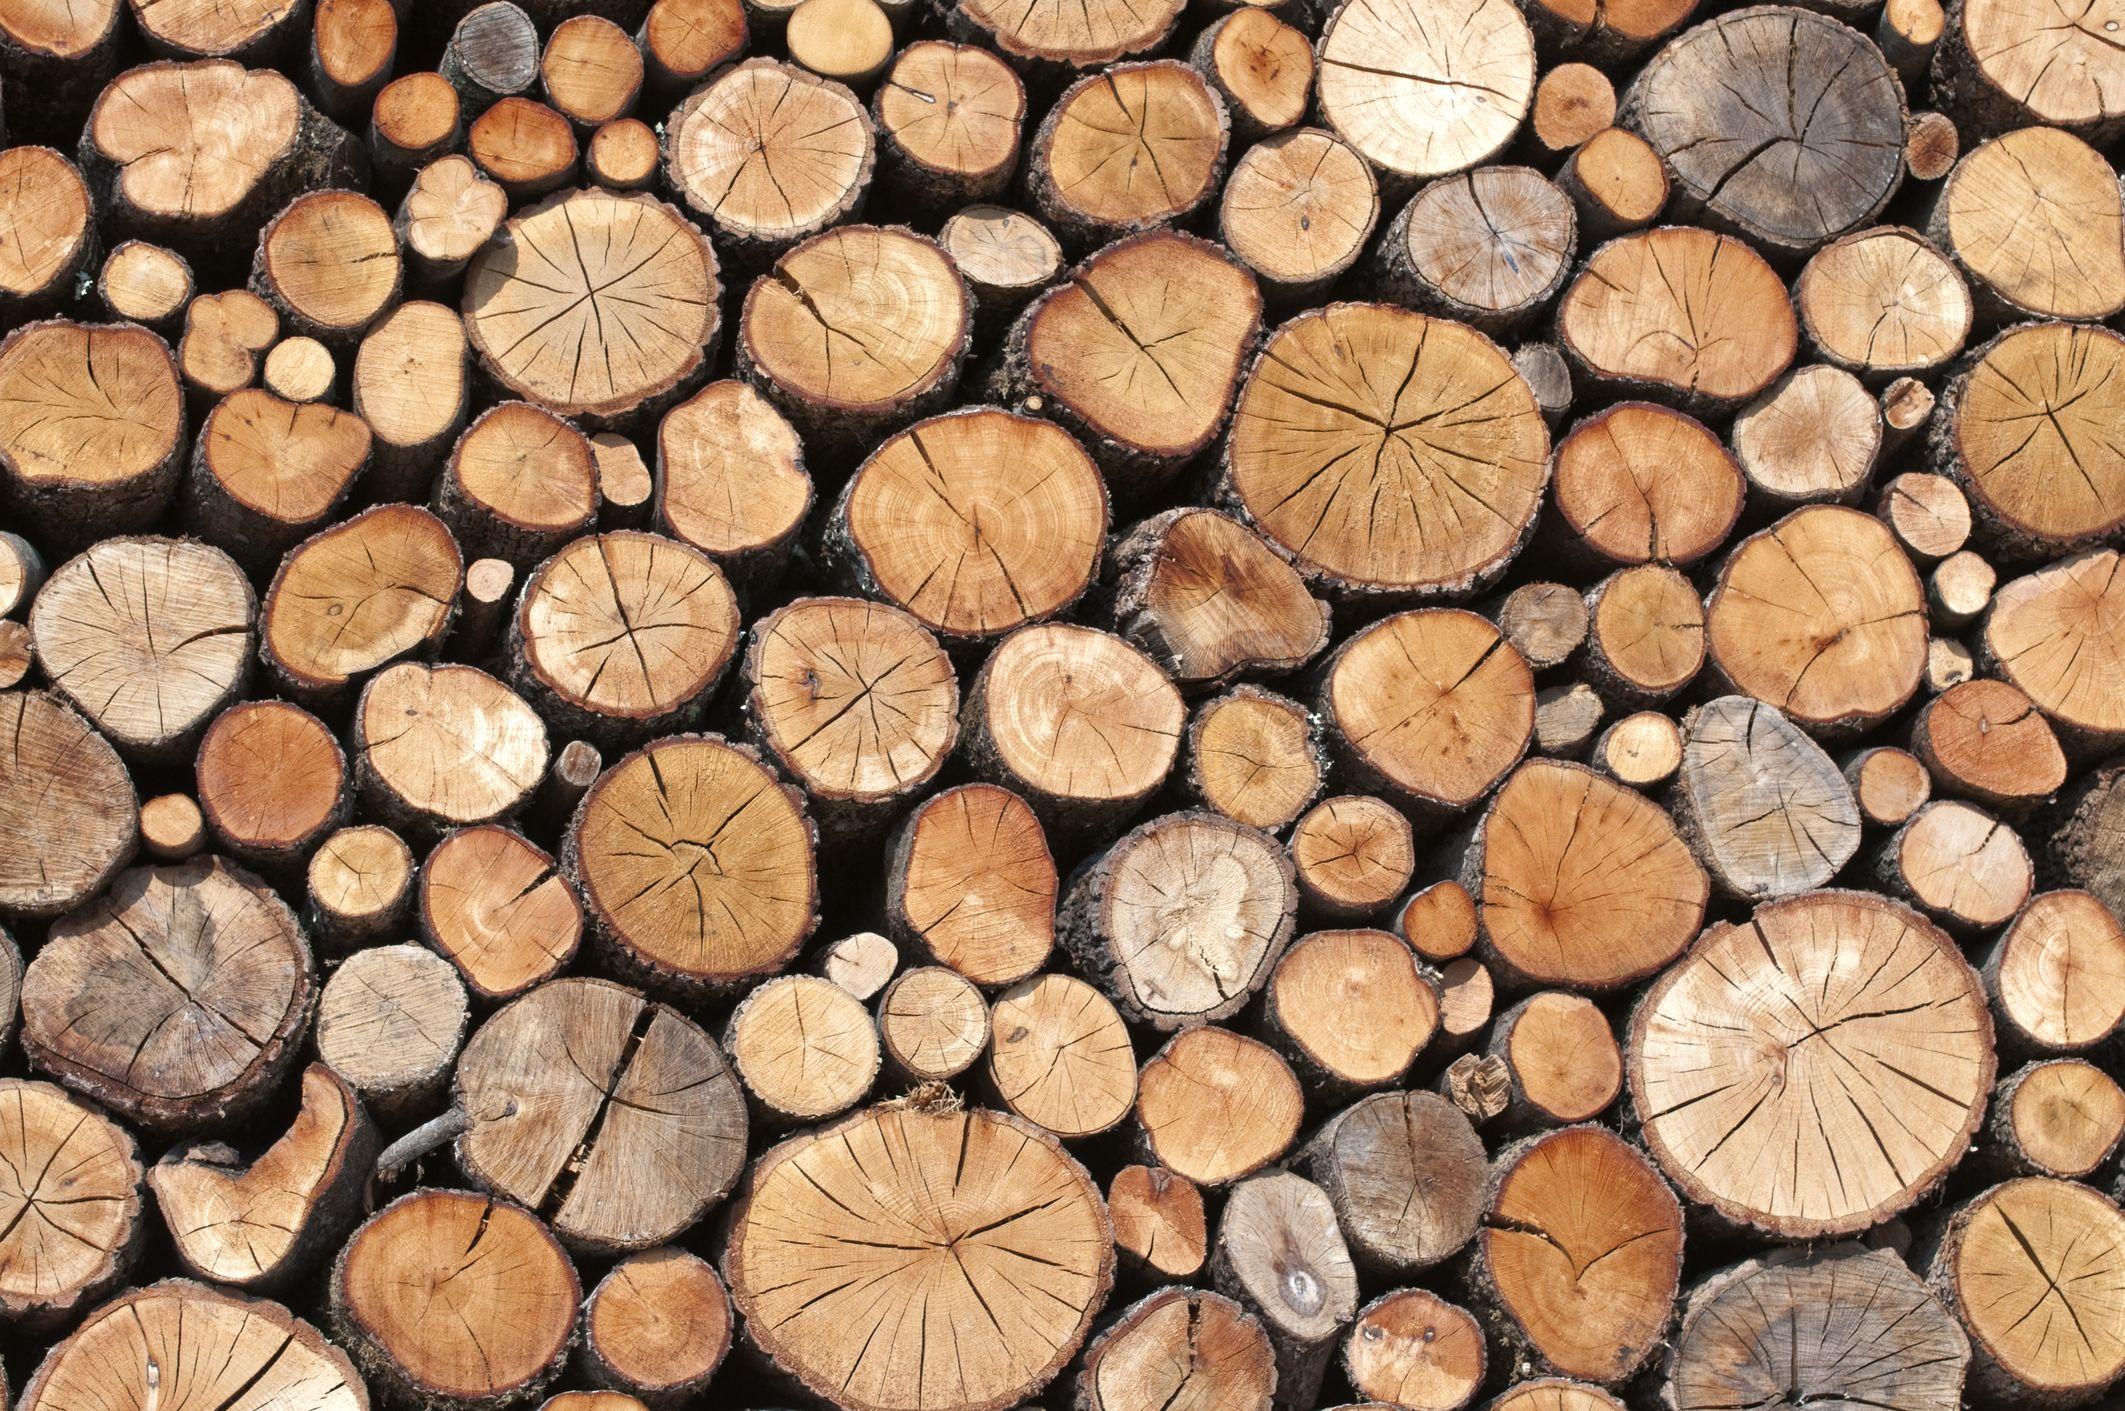 piles-of-wood-royalty-free-image-106548715-1531507536.jpg